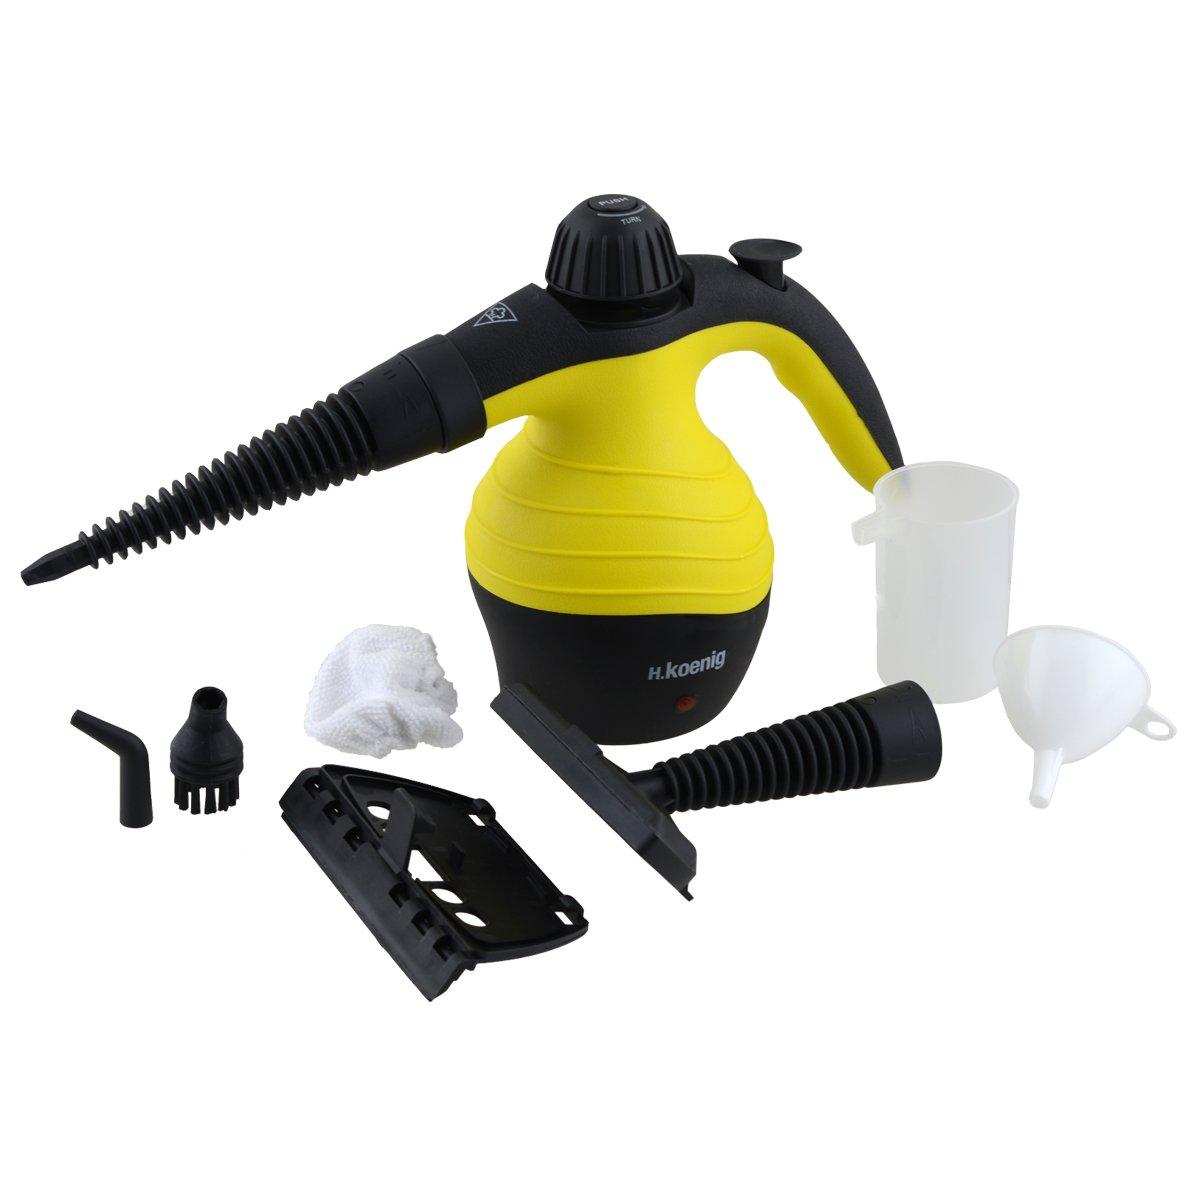 Limpiador a vapor compacto H.Koenig NV60 por solo 22,03€